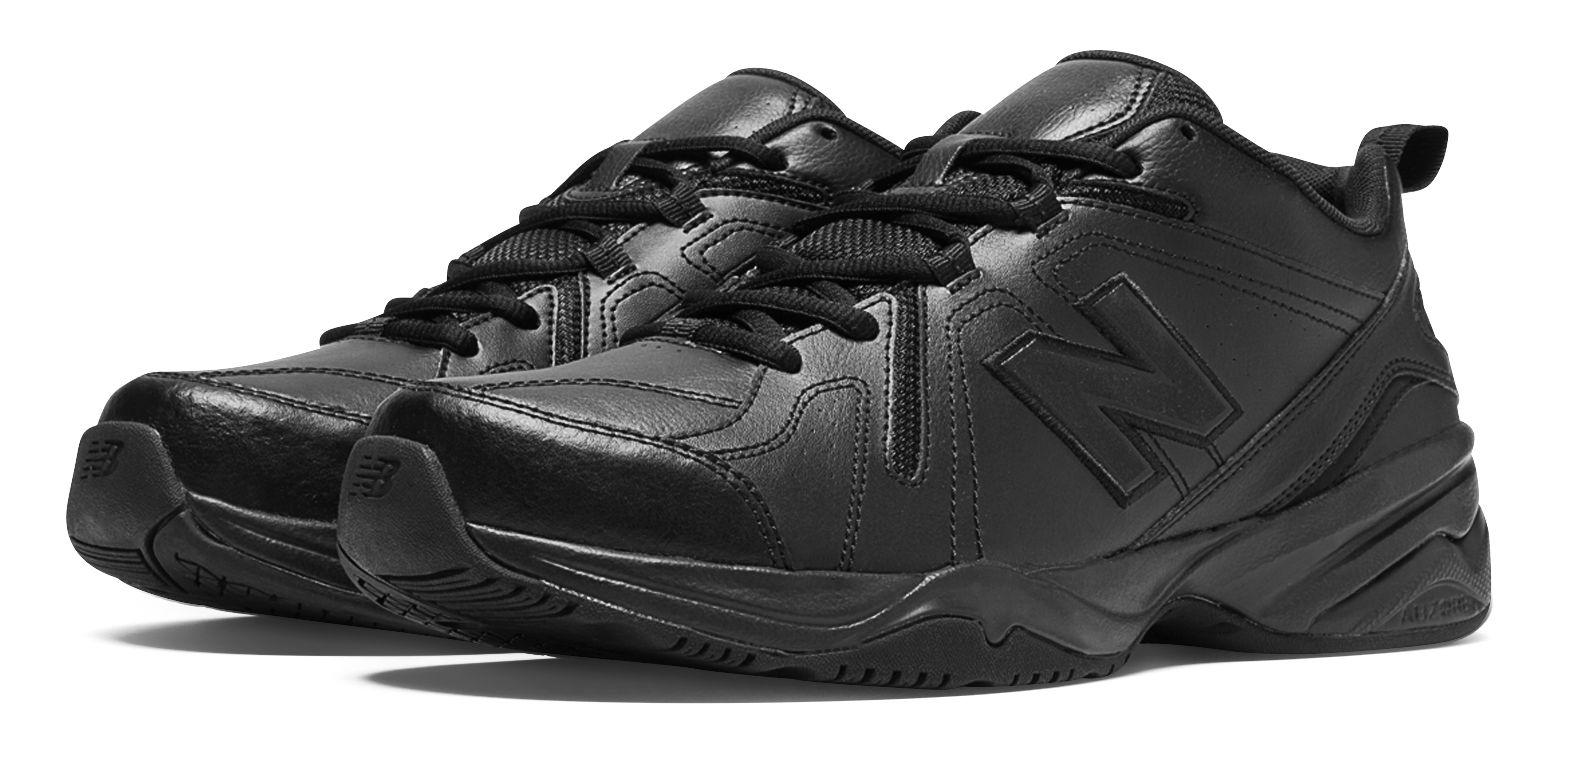 Hommes De Nouvelles Chaussures D'équilibre 11 a4l4gKfR7Q